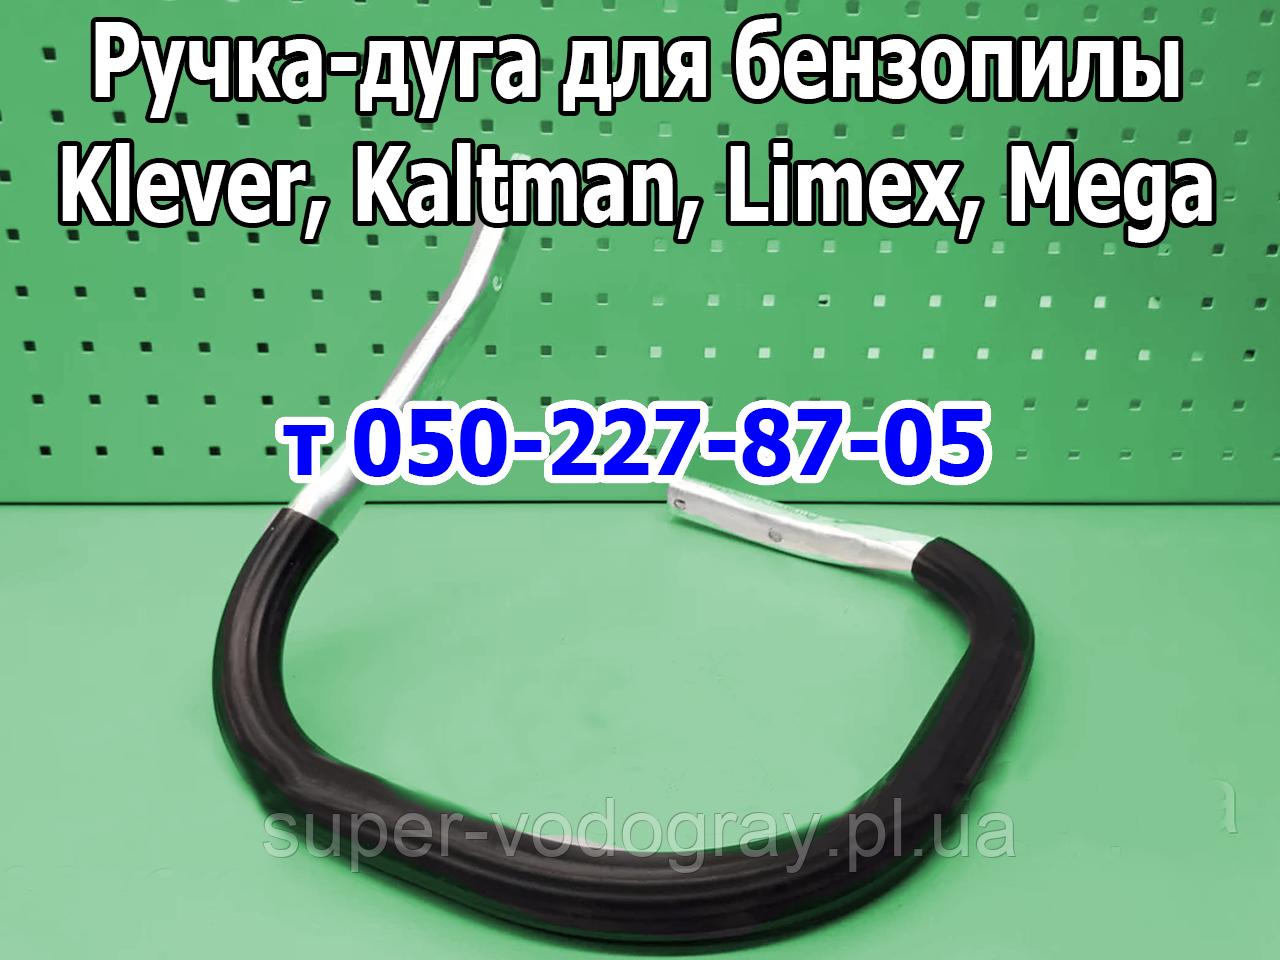 Ручка-дуга для бензопили Klever, Kaltman, Limex, Mega